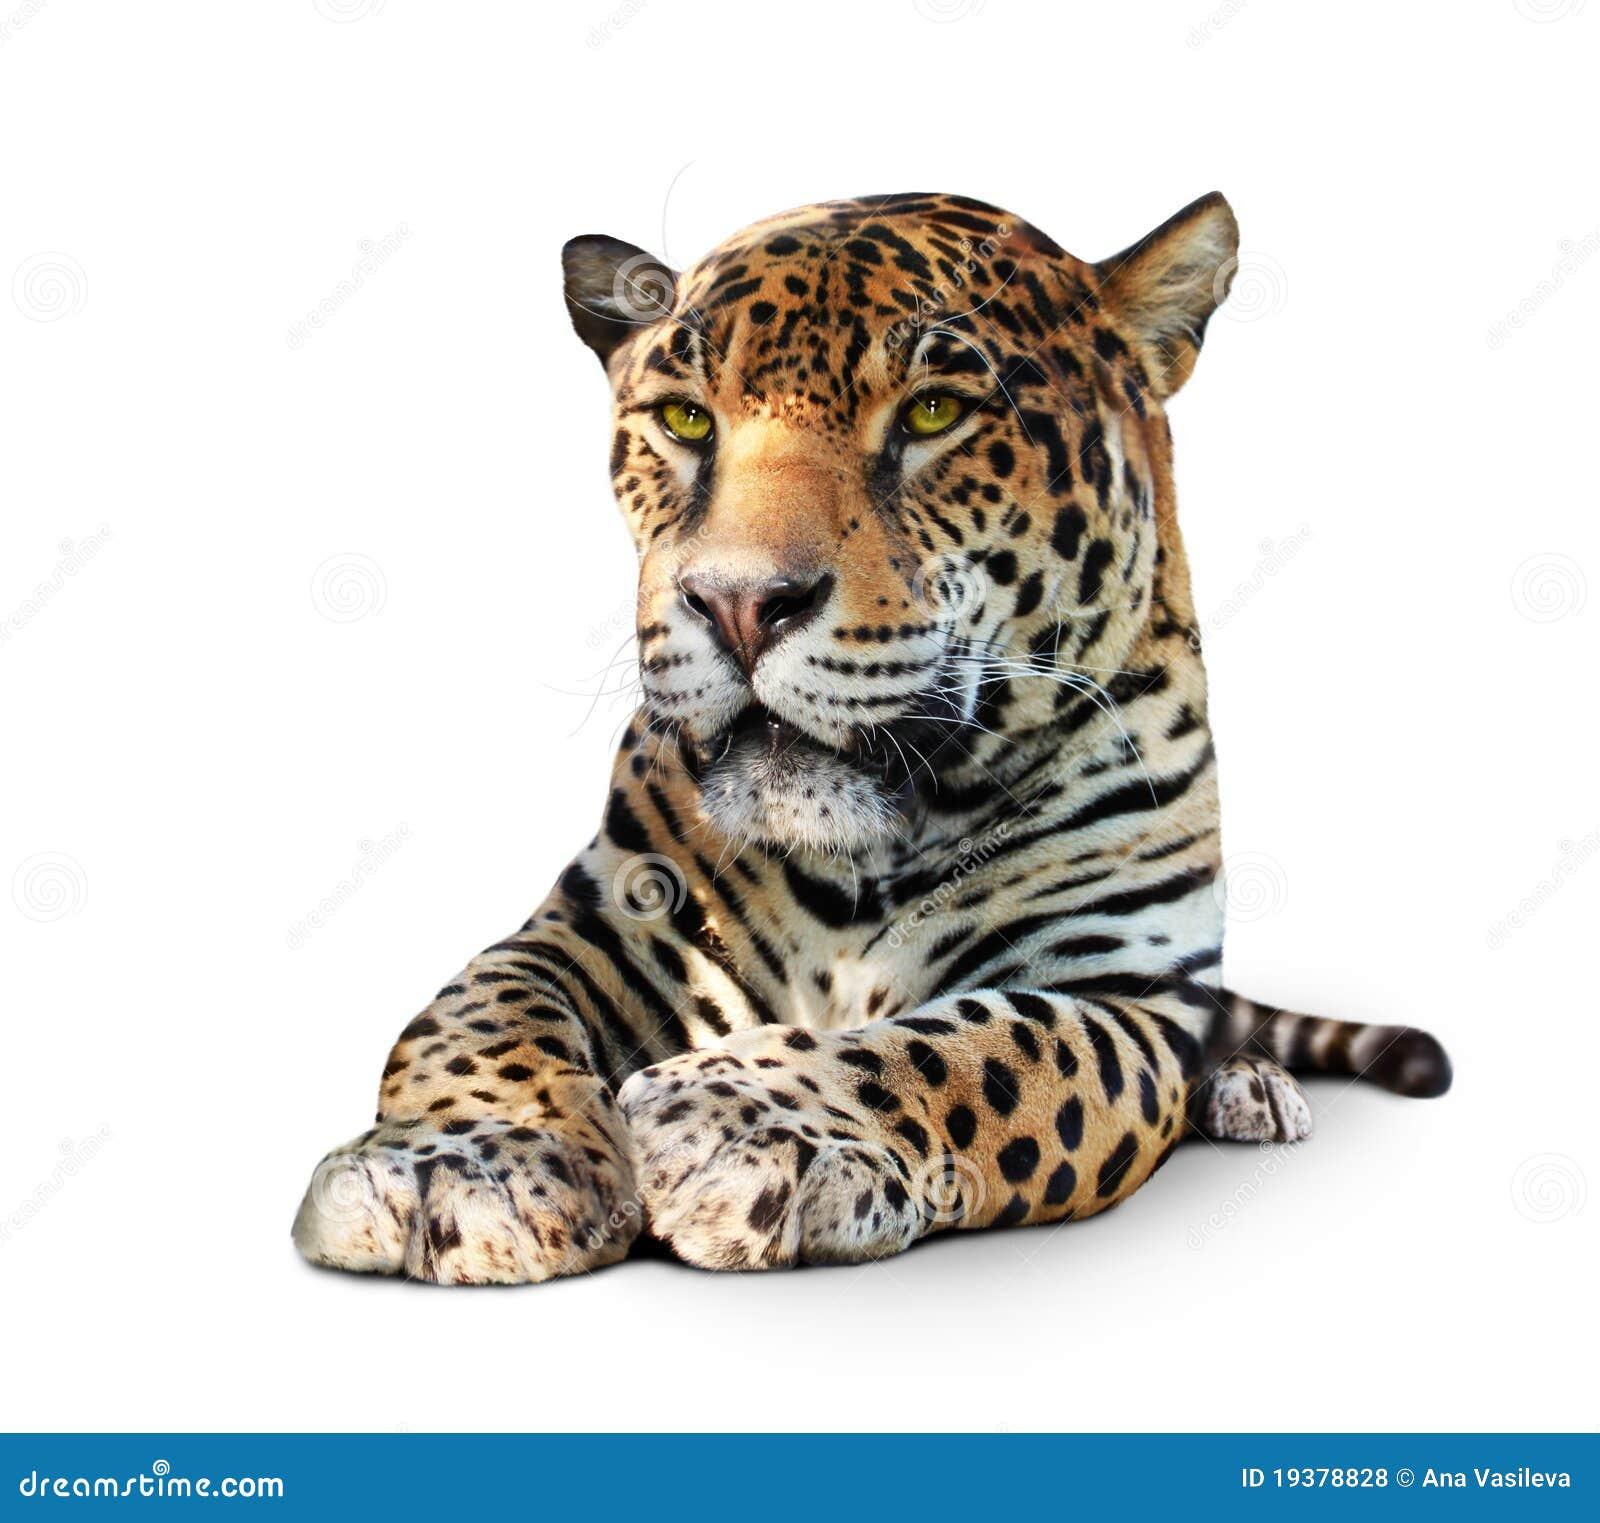 White jaguars animals photo20